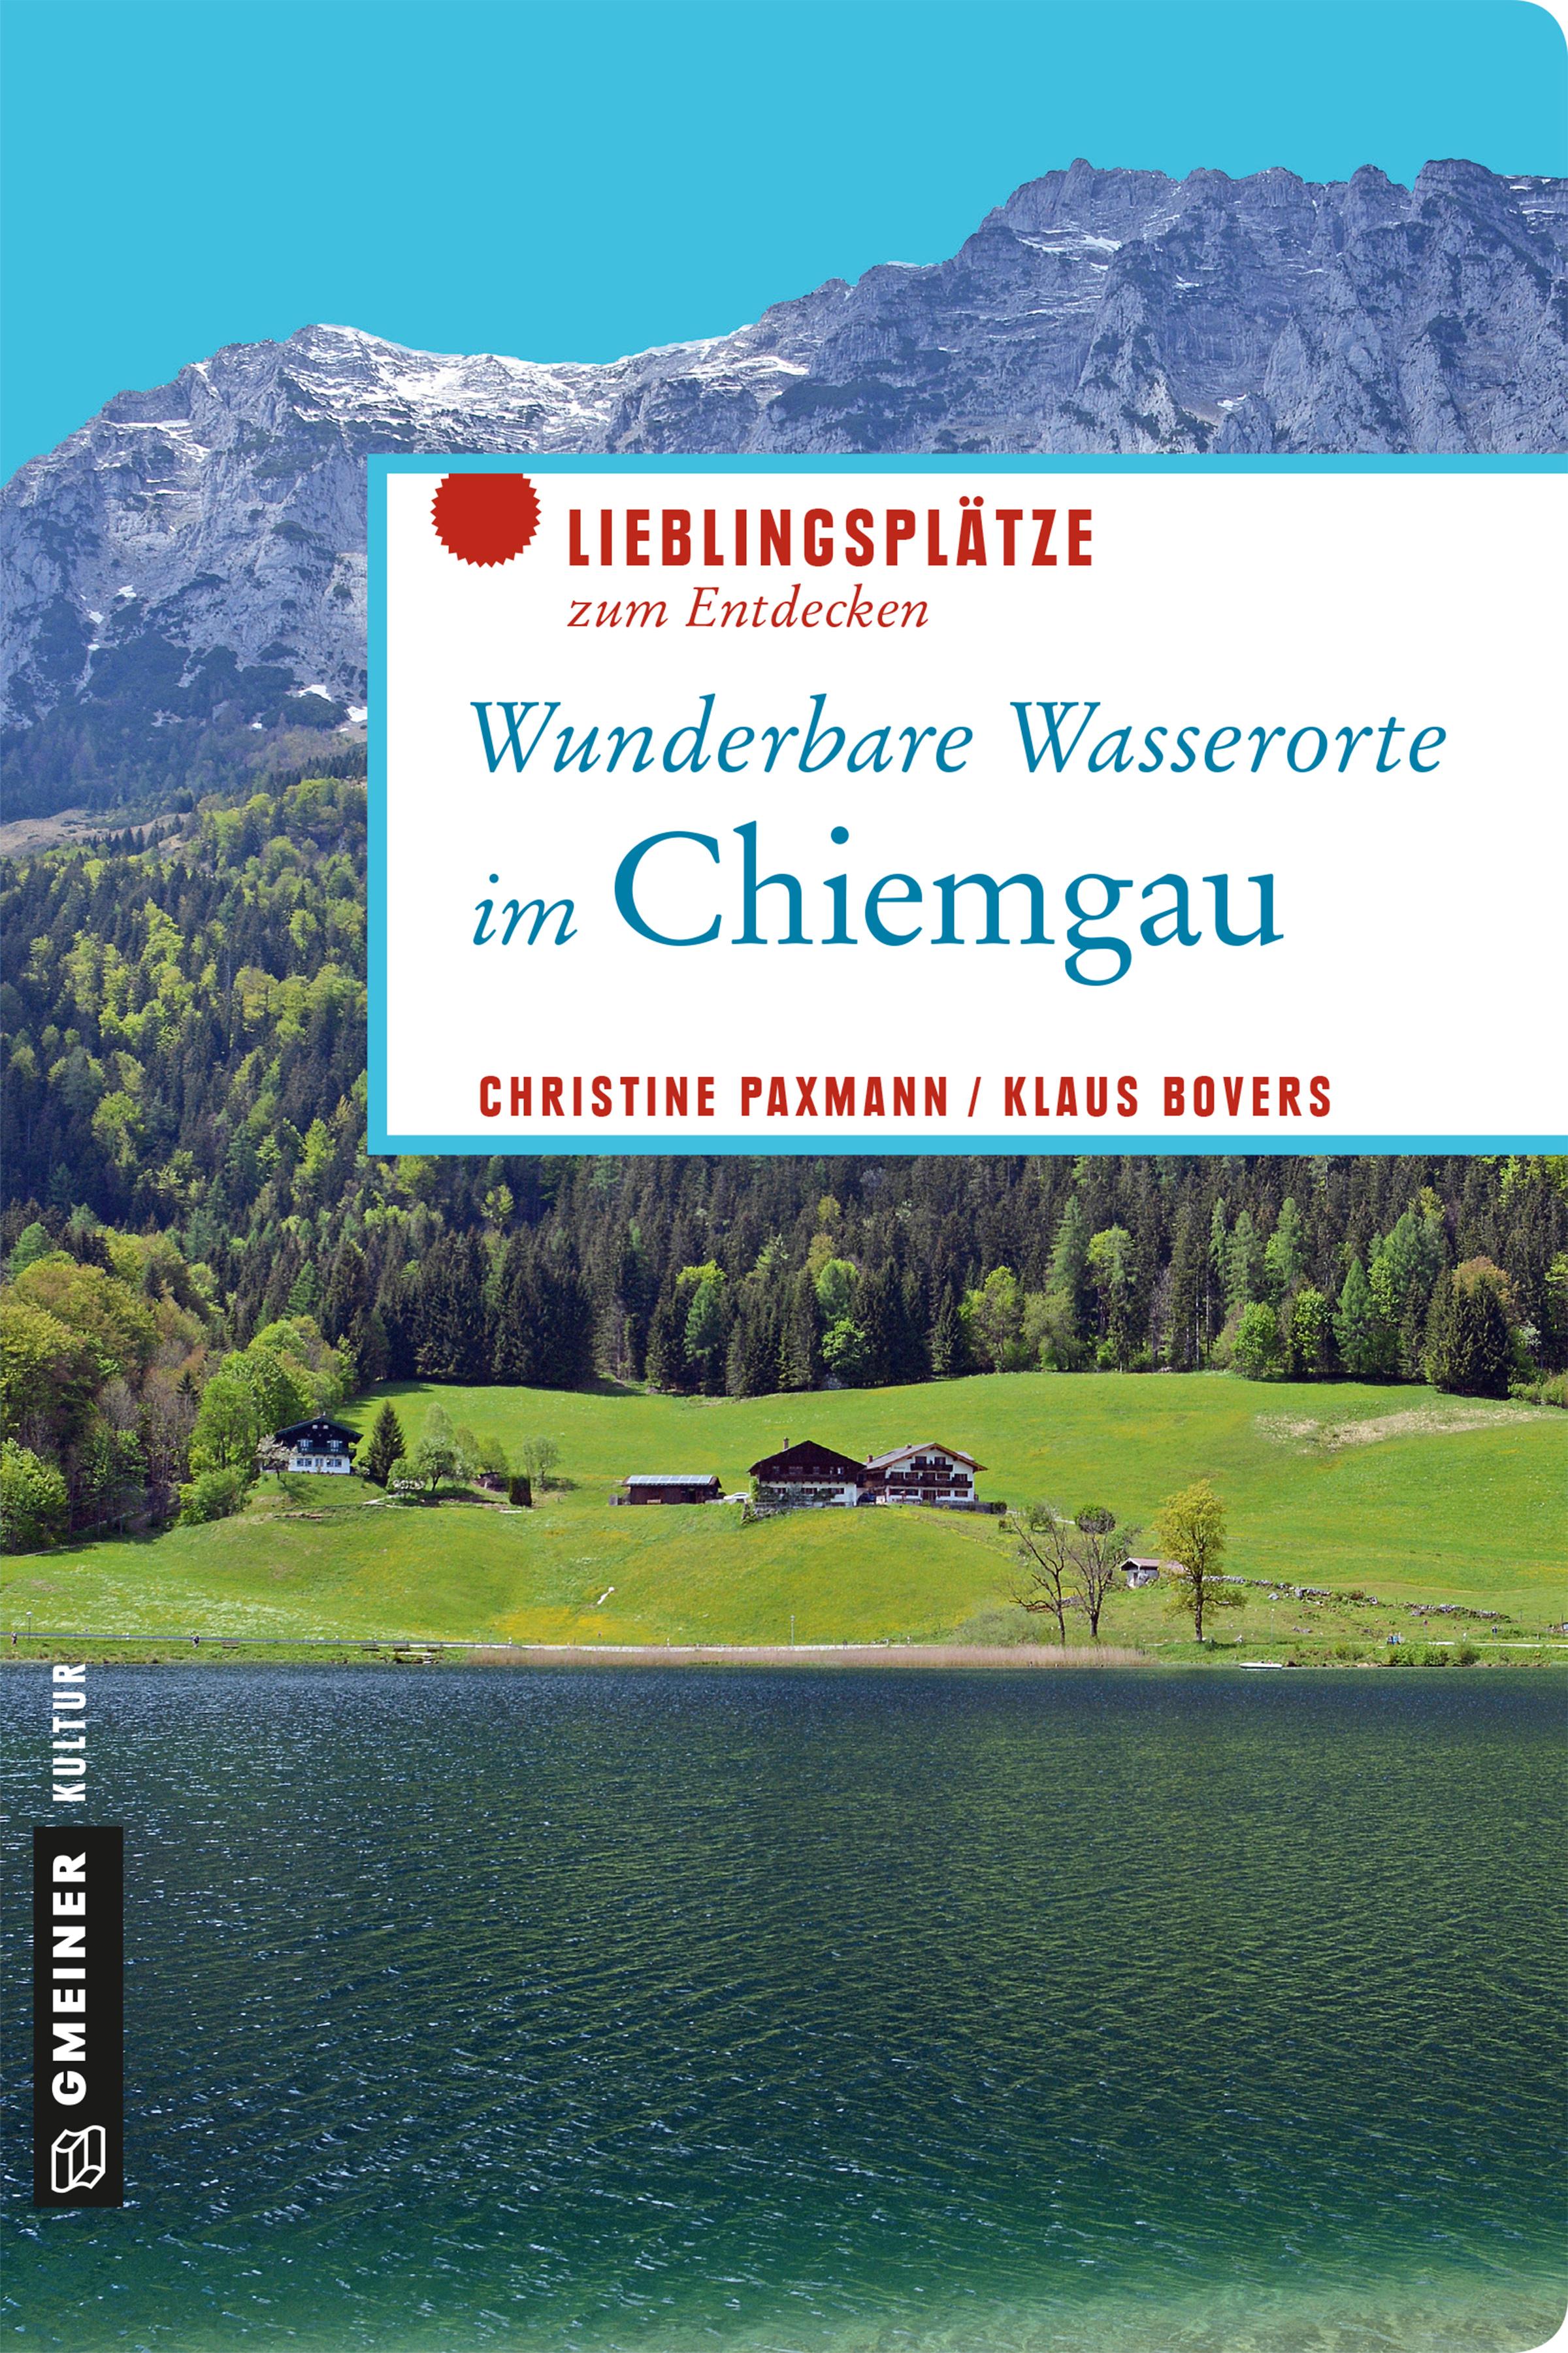 Christine-Paxmann-Wunderbare-Wasserorte-im-Chiemgau-9783839221471